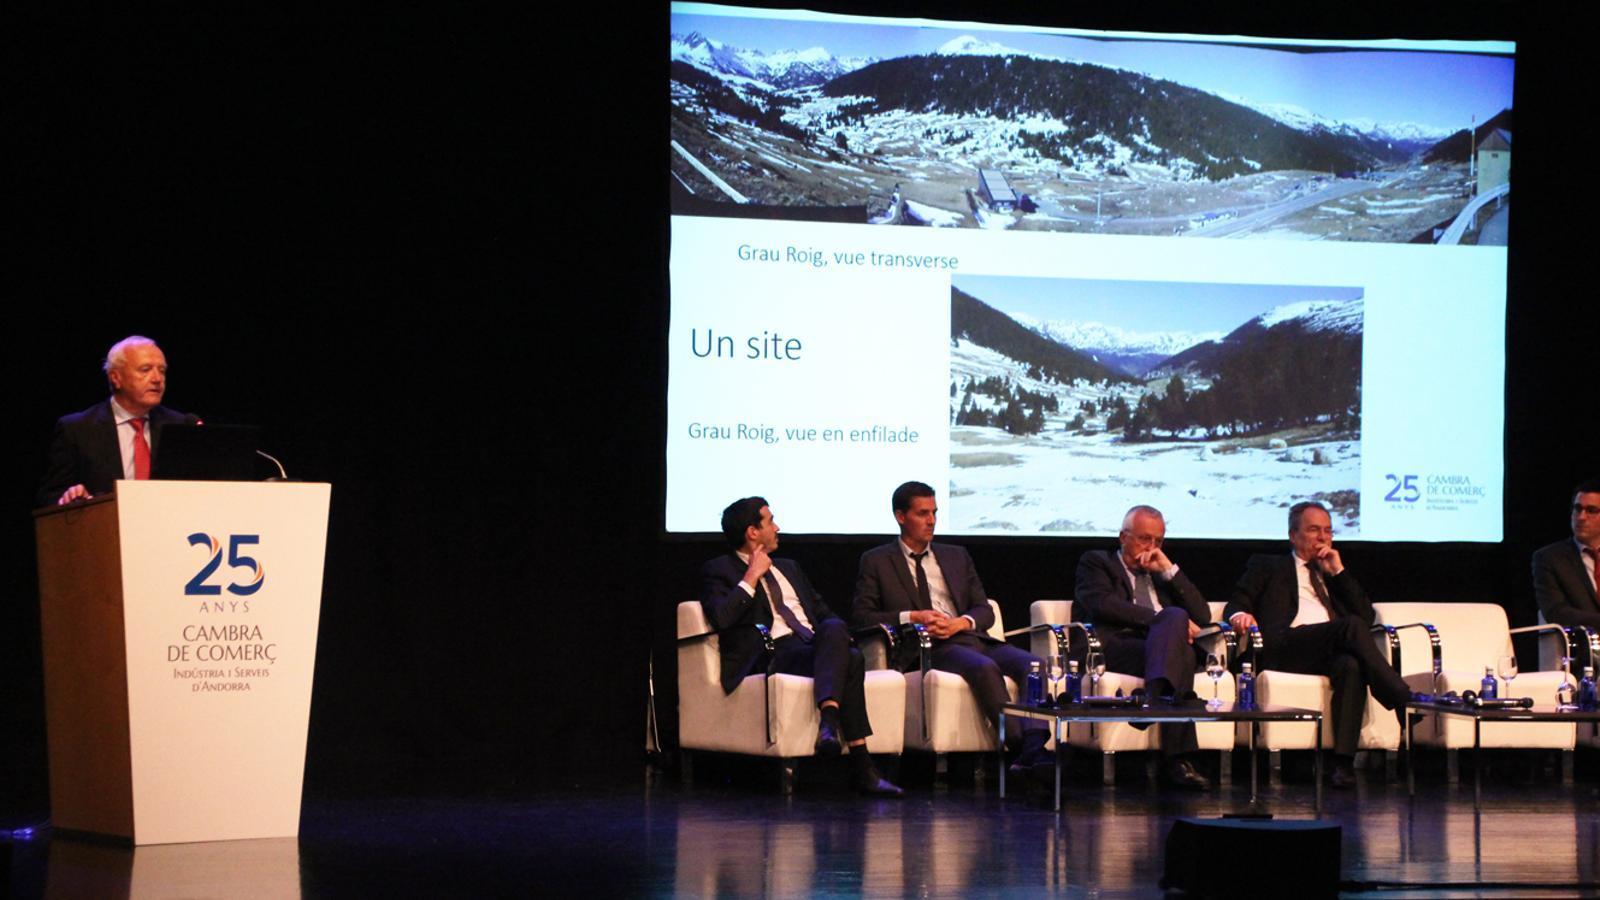 Presentació del 'Pla de Desenclavament d'Andorra', de la mà dels representants de les empreses aeronàutiques que han fet els estudis de viabilitat d'un futur aeroport andorrà.